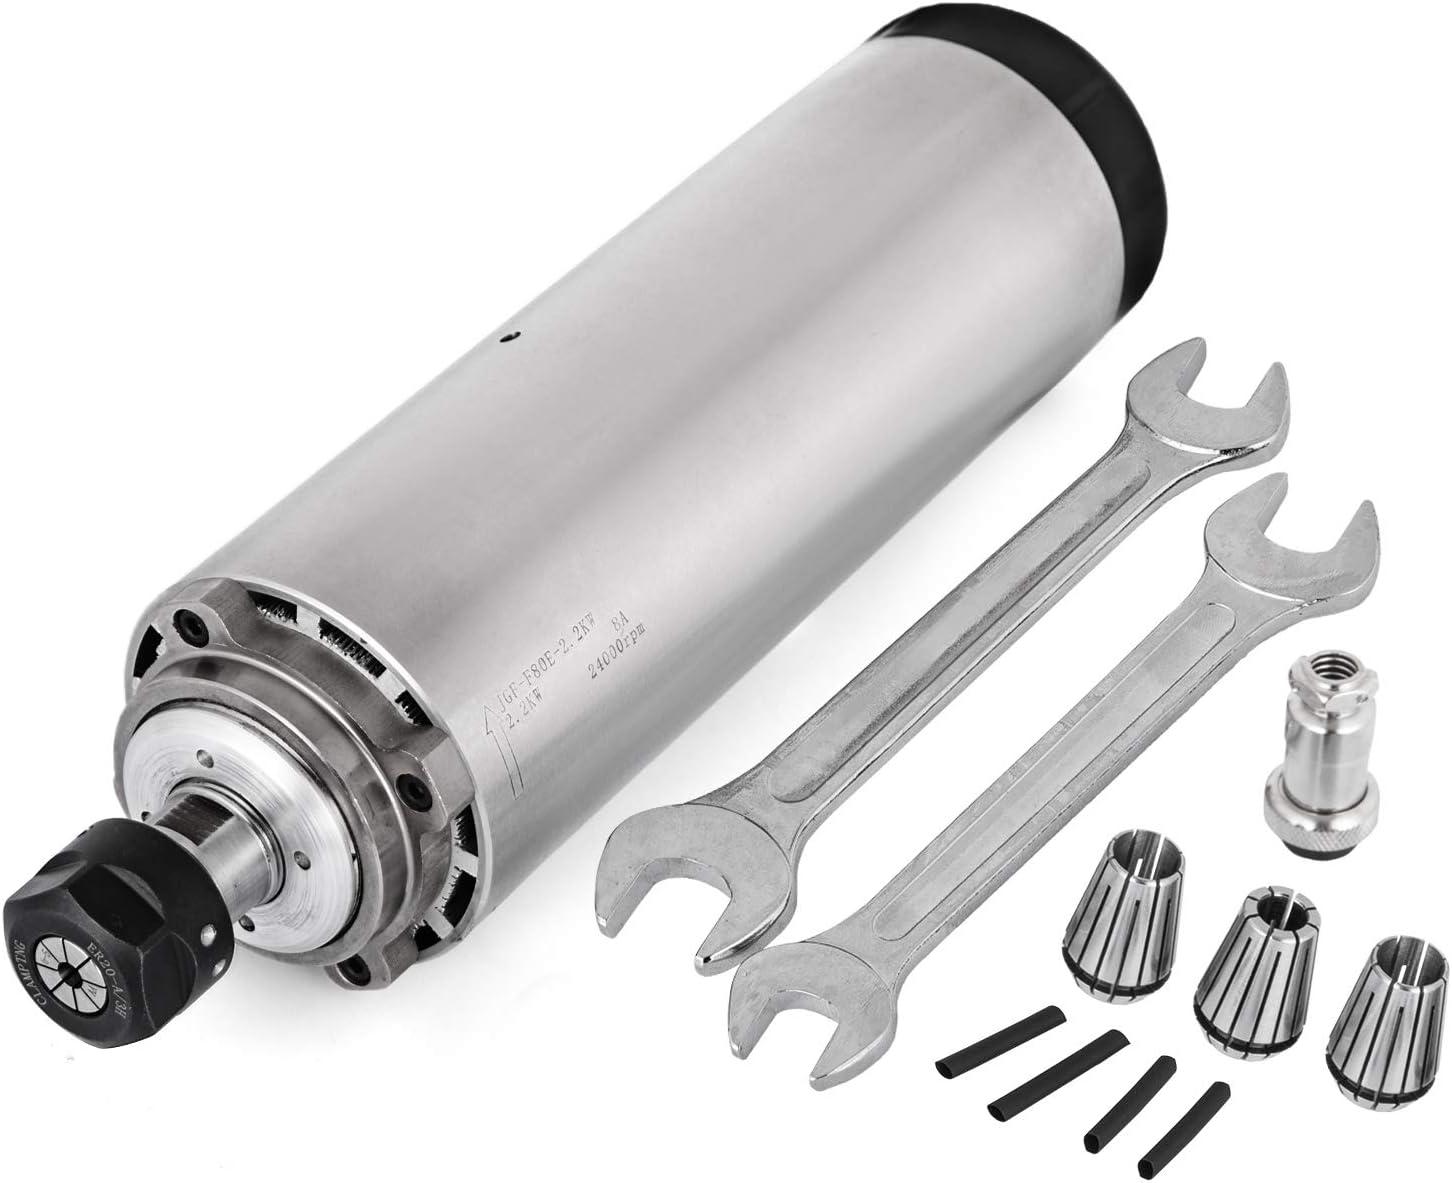 VEVOR Air Cooled Spindle Motor ER20 CNC Spindle Milling Motor 2.2KW Spindle Motor 24000 RPM 400 Hz for CNC Router Engraving Milling Grind Machine(220V)